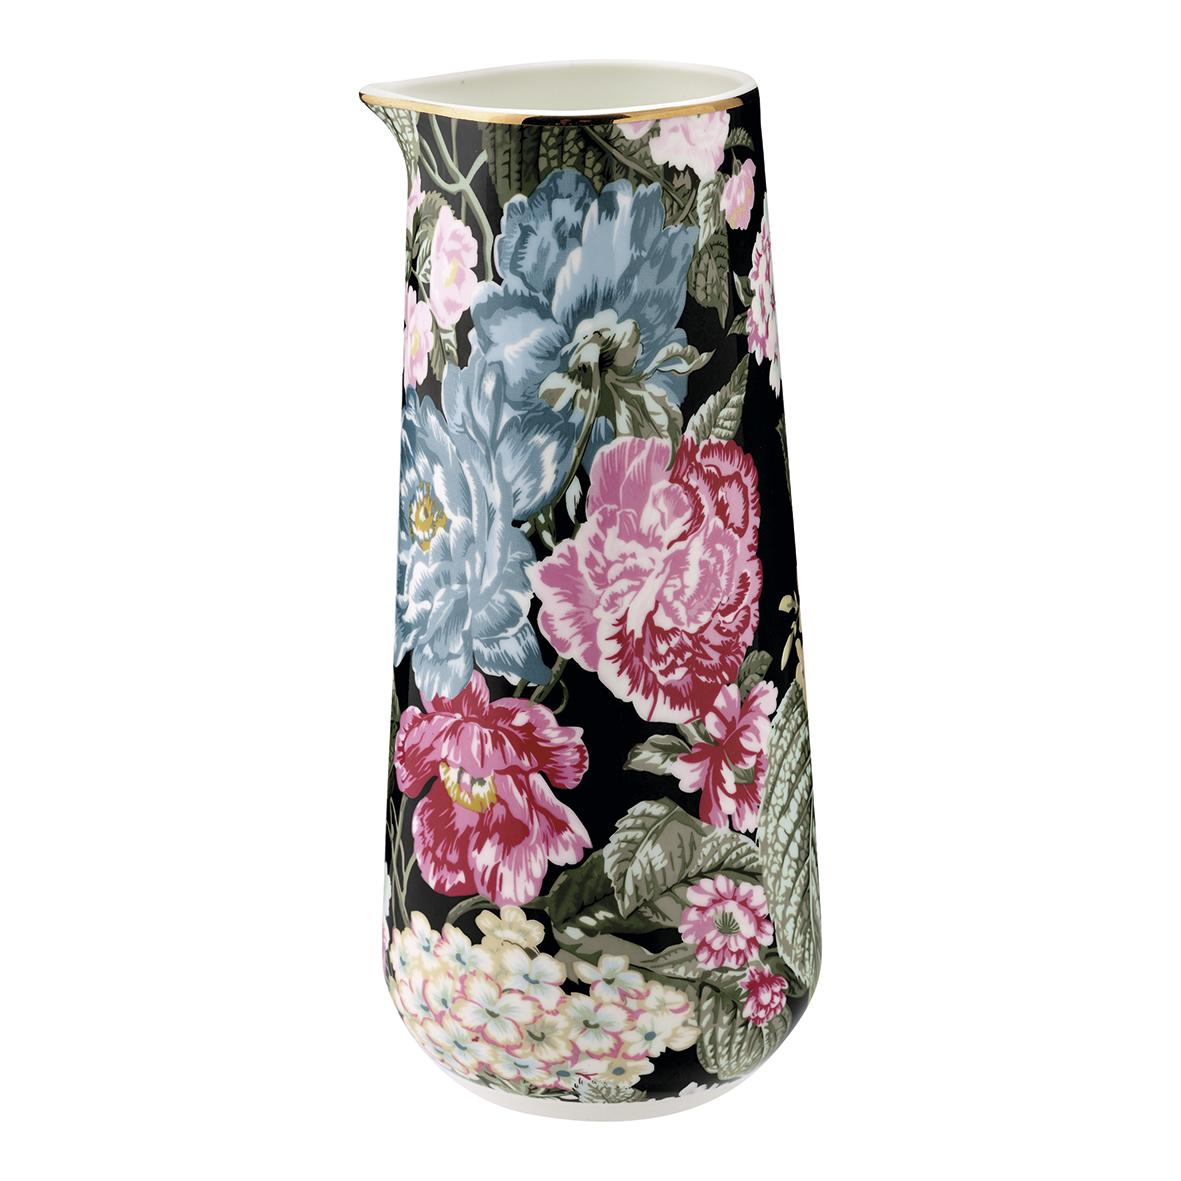 Greengate Krug oder Vase Adele black